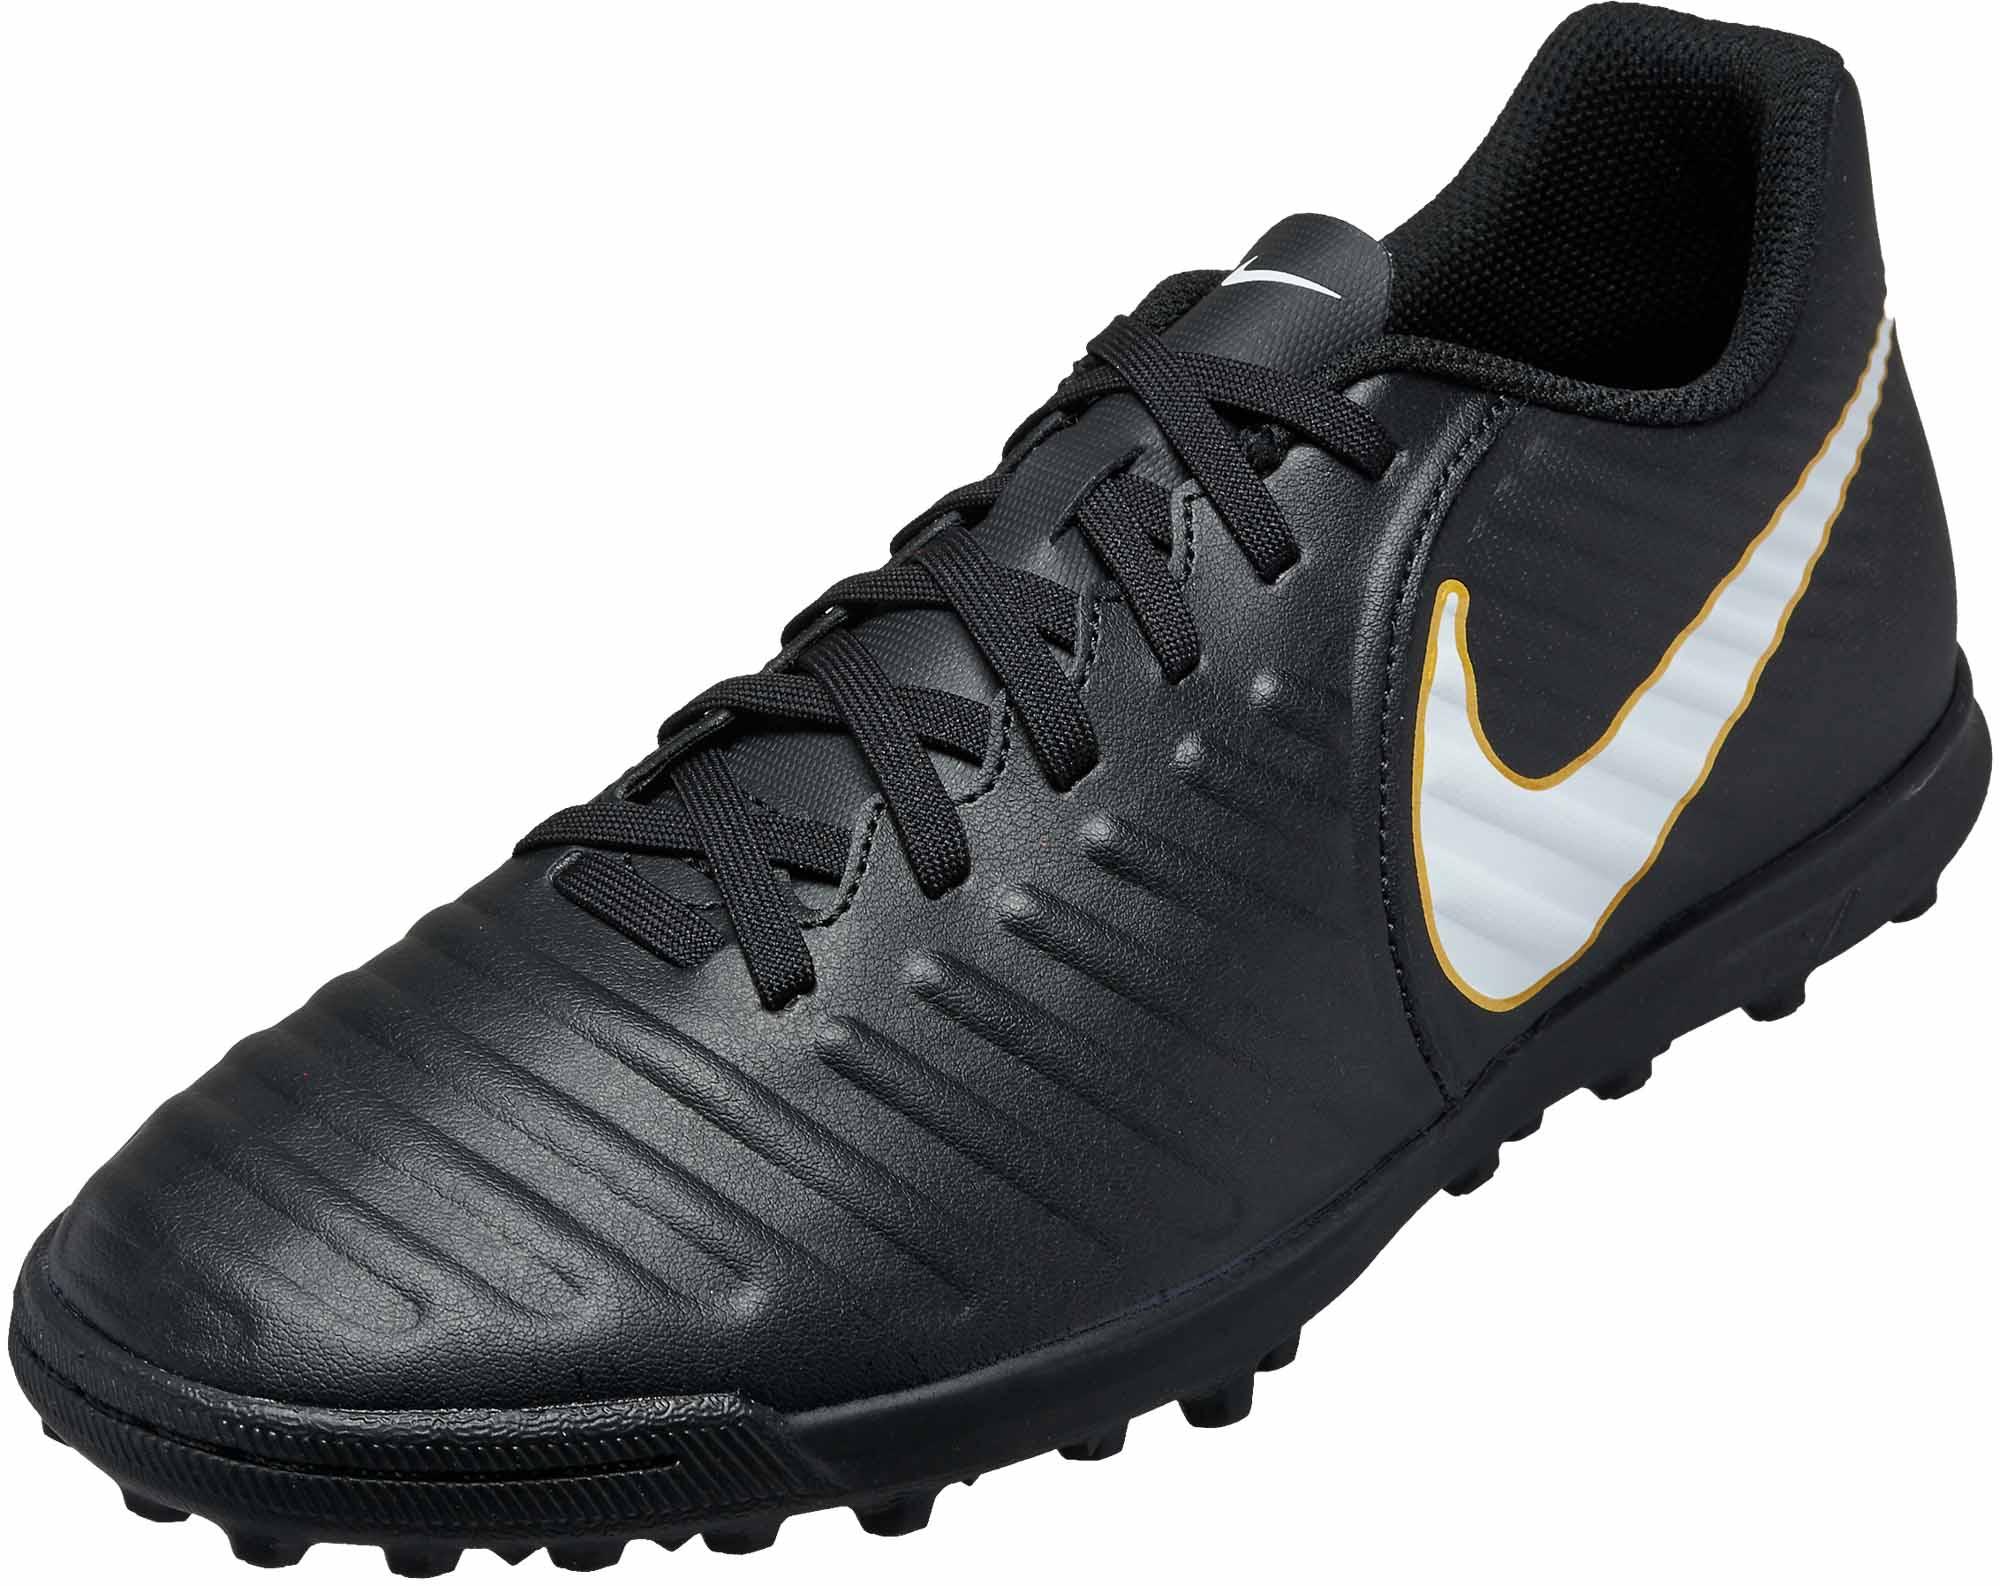 Nike TiempoX Rio IV Turf Soccer Shoes